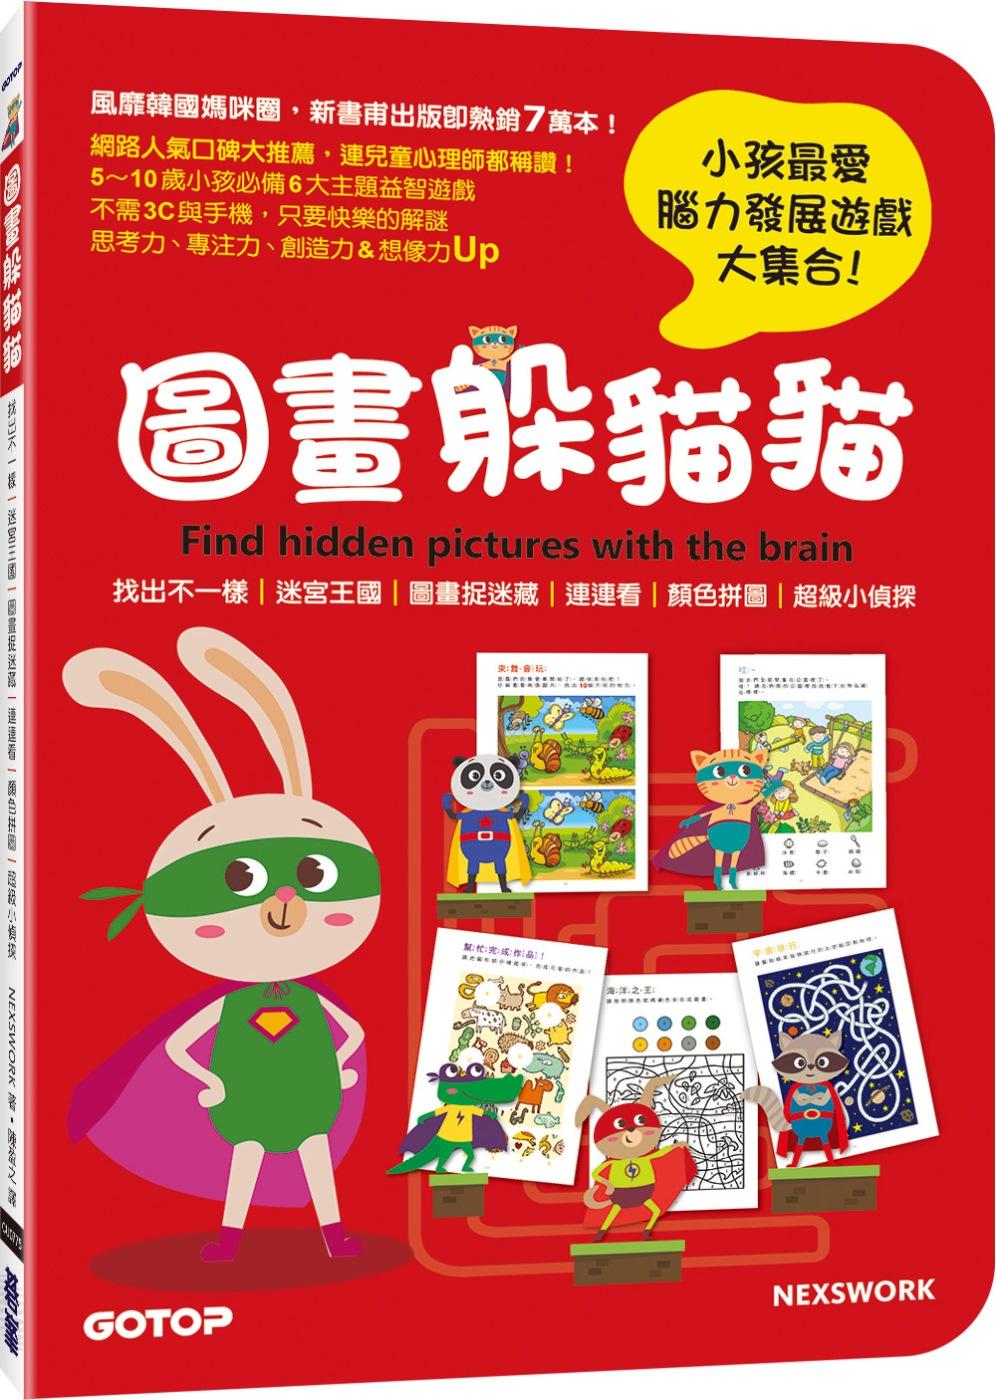 圖畫躲貓貓:迷宮、拼圖、不一樣、連連看、找找看與想想看,小孩最愛腦力發展遊戲大集合!